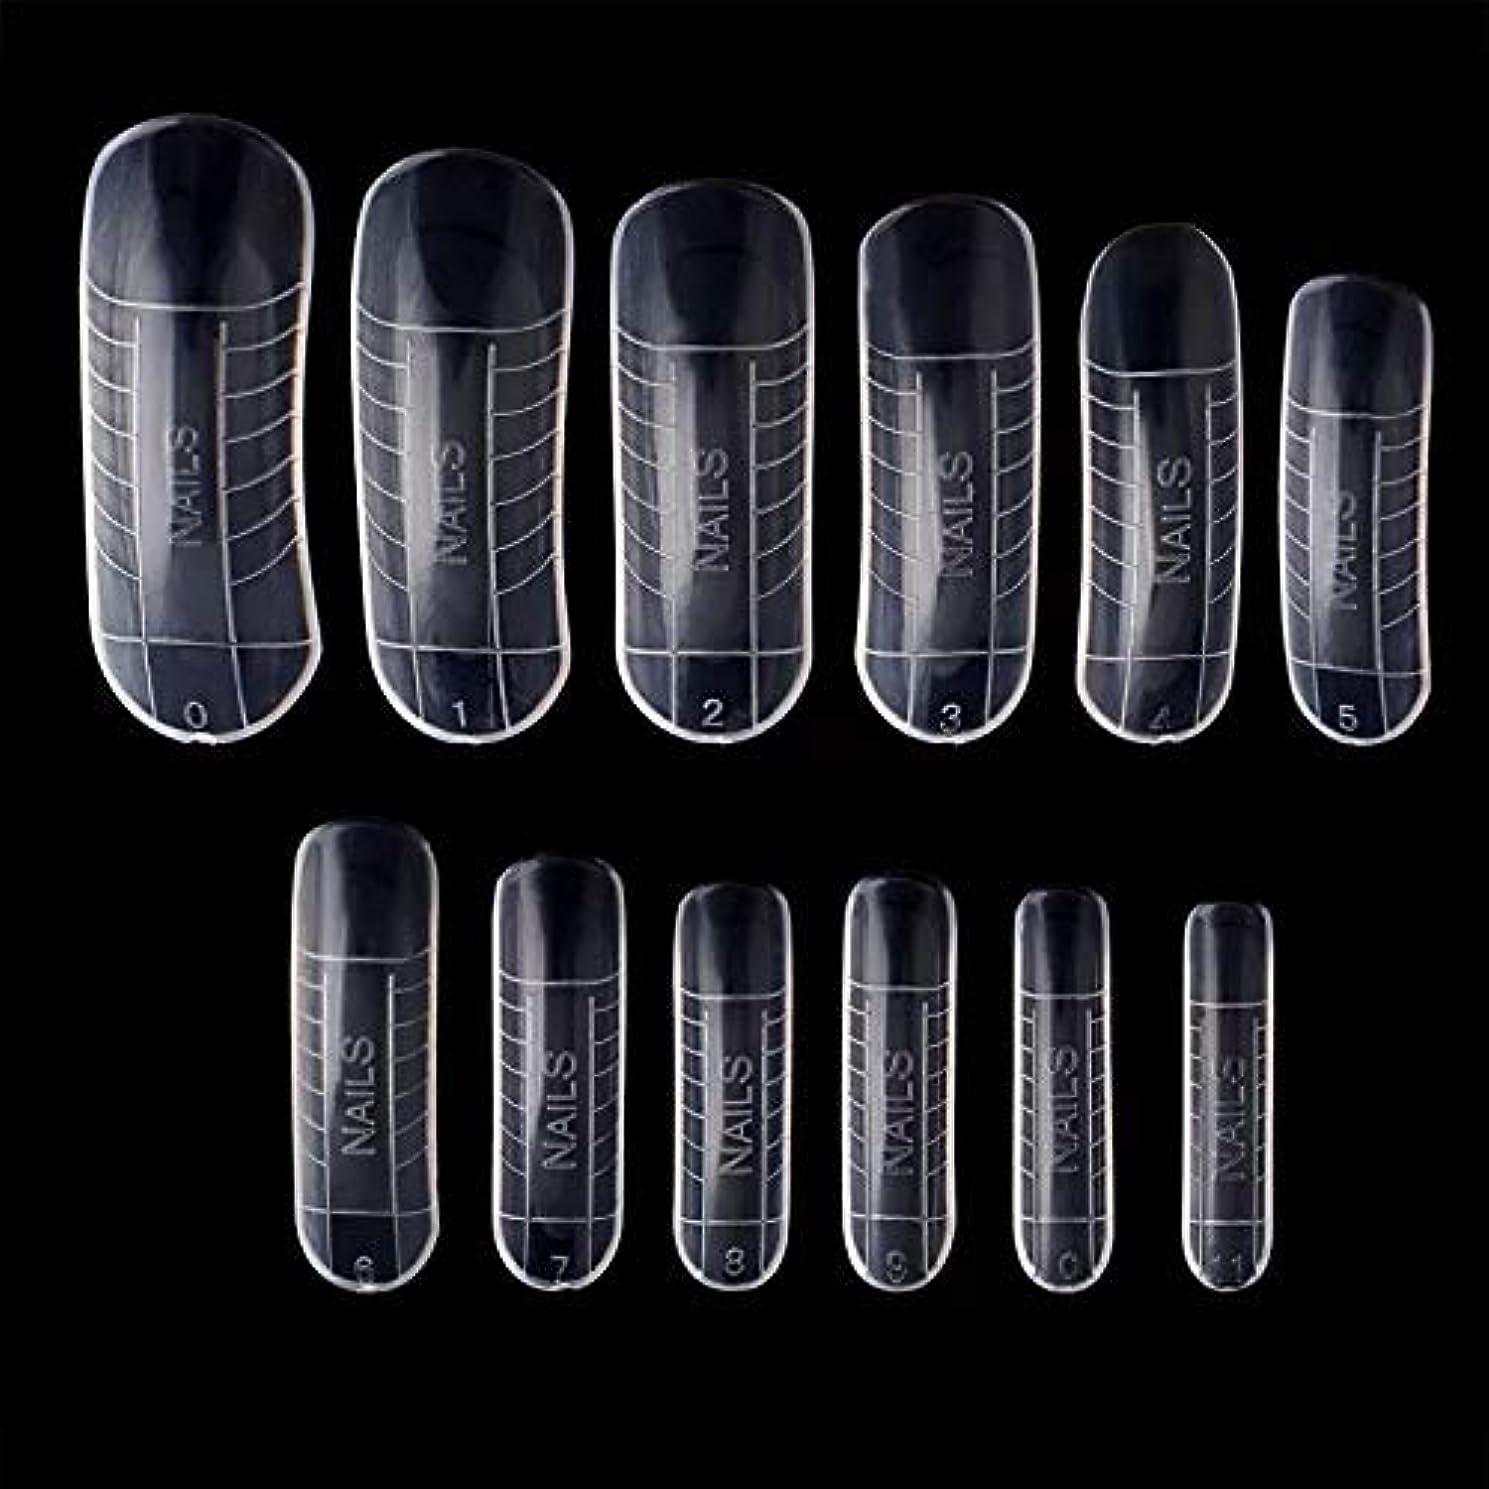 腸妨げるハロウィンポリジェル用 ネイルデュアルフォーム 12サイズ×2(24枚セット) 繰り返し使える ネイルチップ